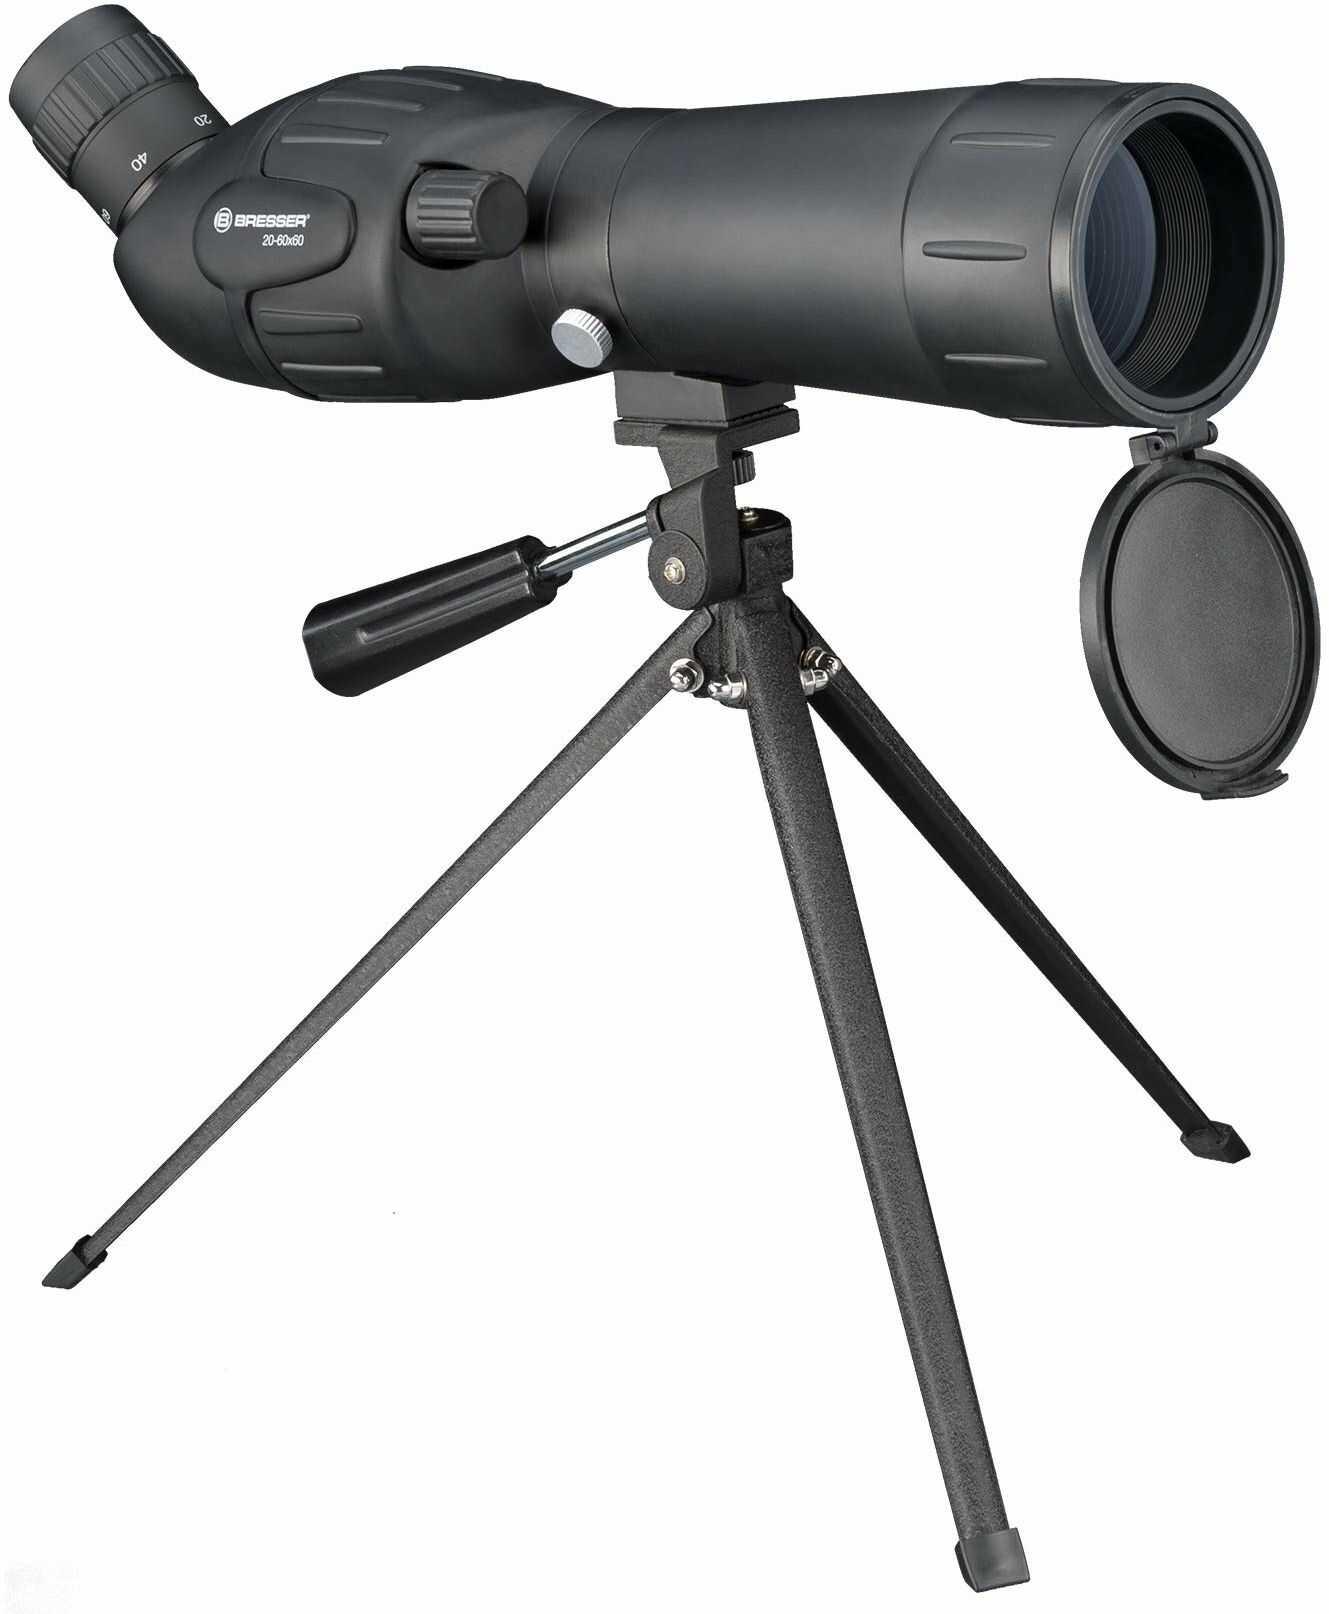 Bresser Junior Spektiv Spotty Luneta Przybliżająca x60, Czarny, 50mm